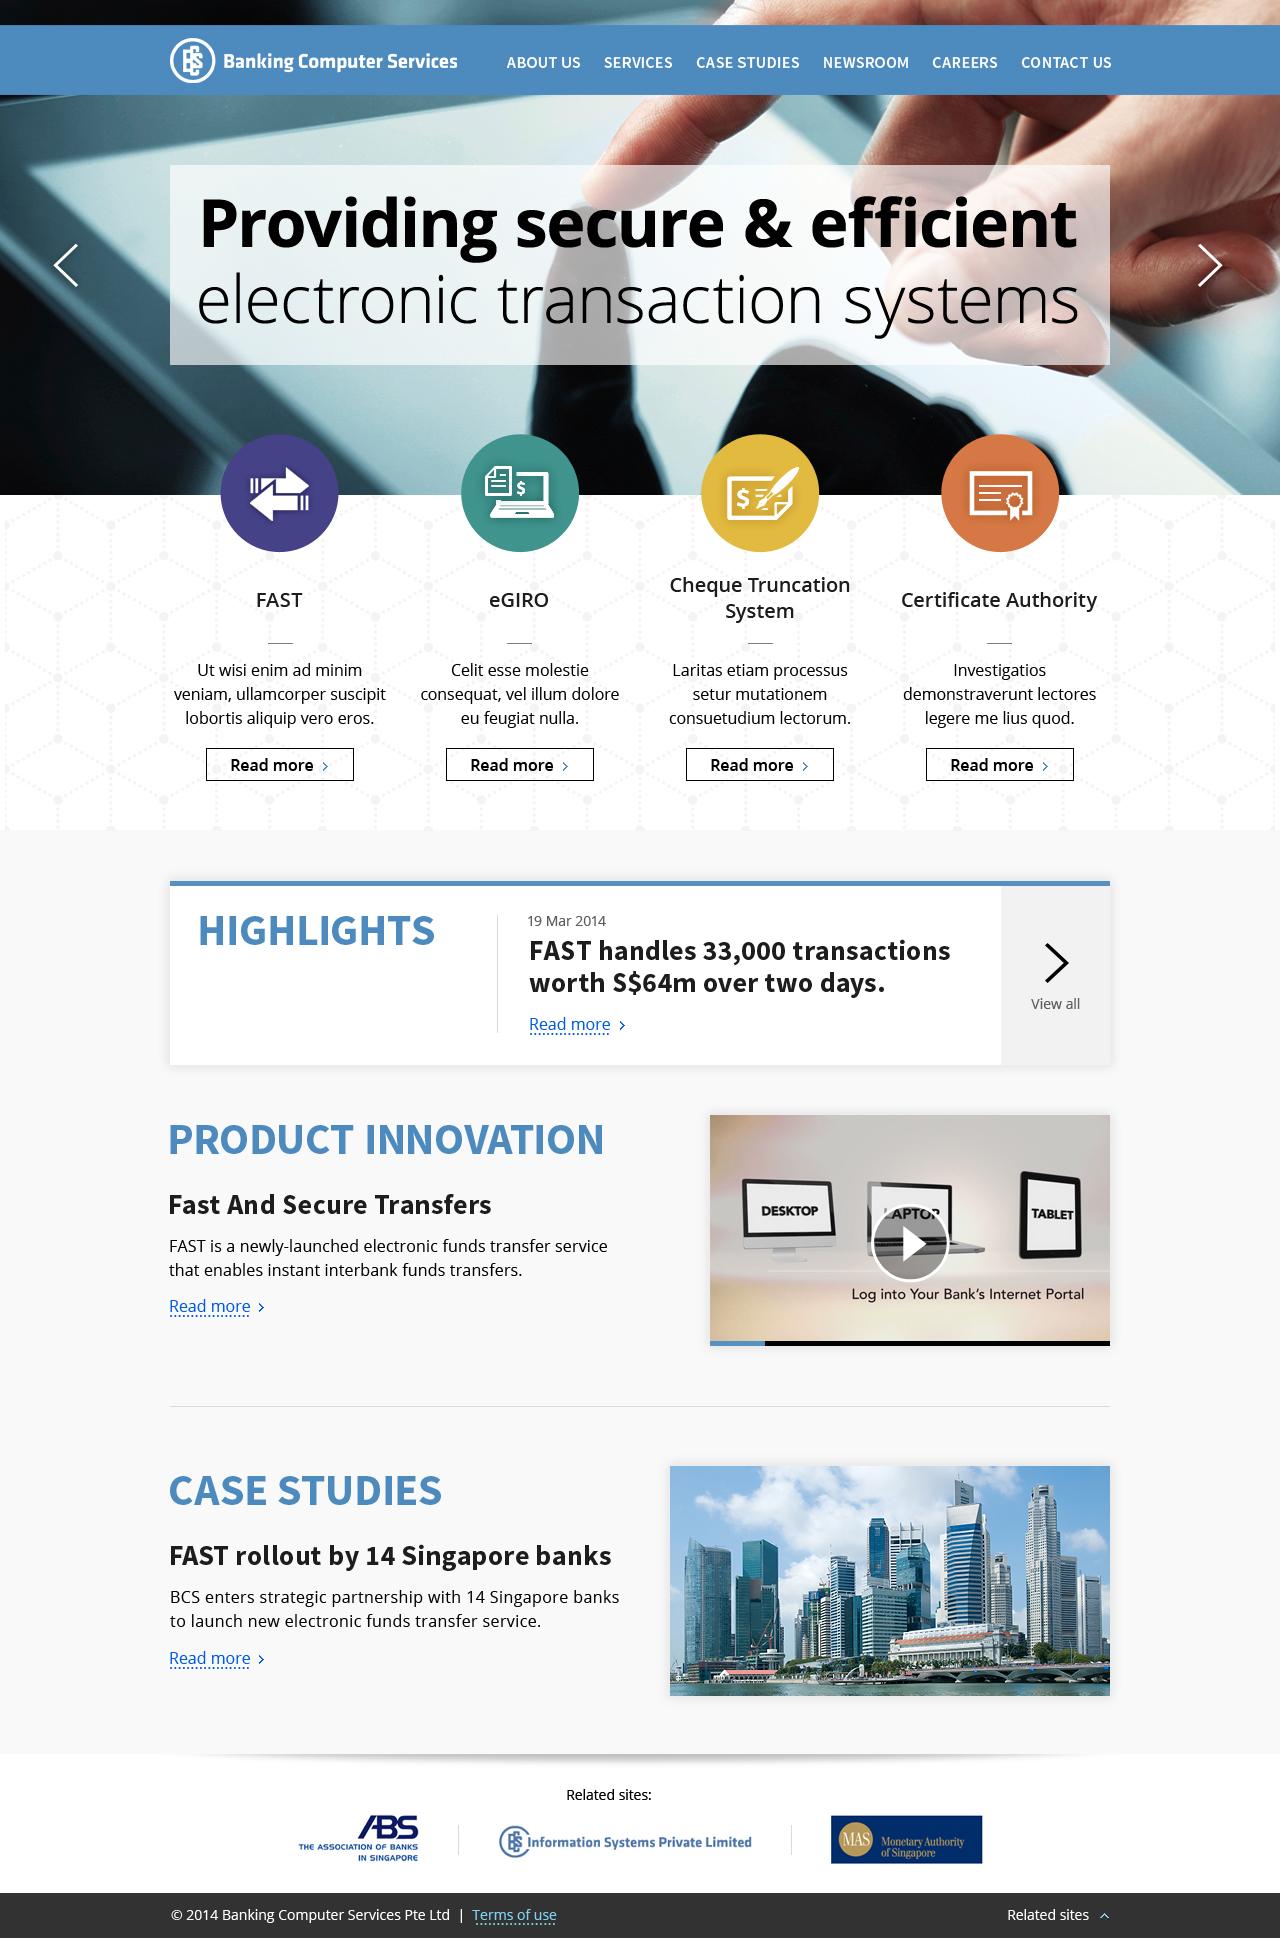 BCS Website Design - http://www bcs sg/ on Behance